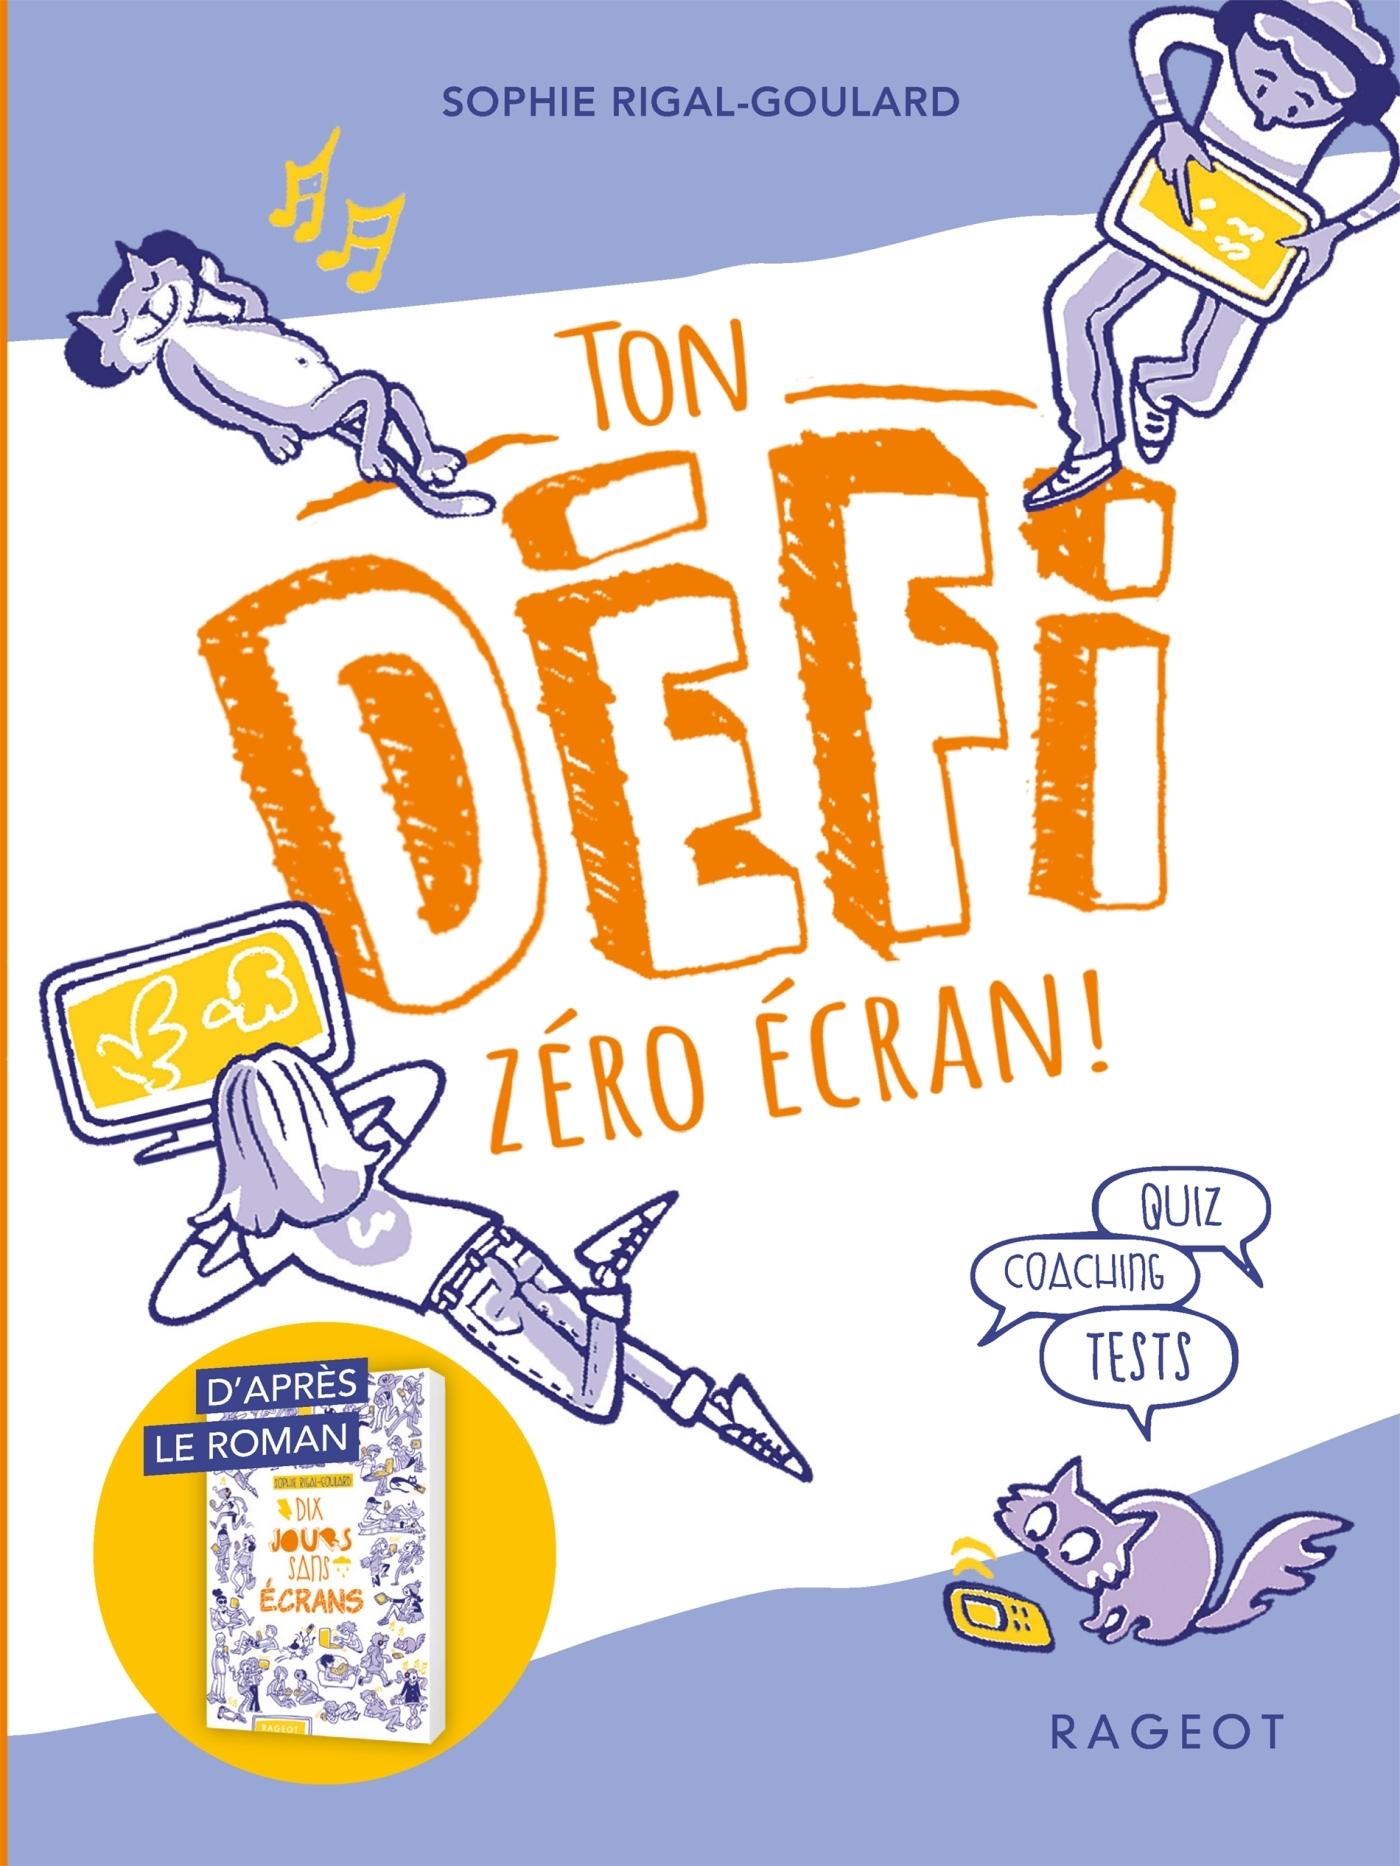 LES DEFIS - LE DEFI - 10 JOURS SANS ECRANS - TON DEFI ZERO ECRAN !